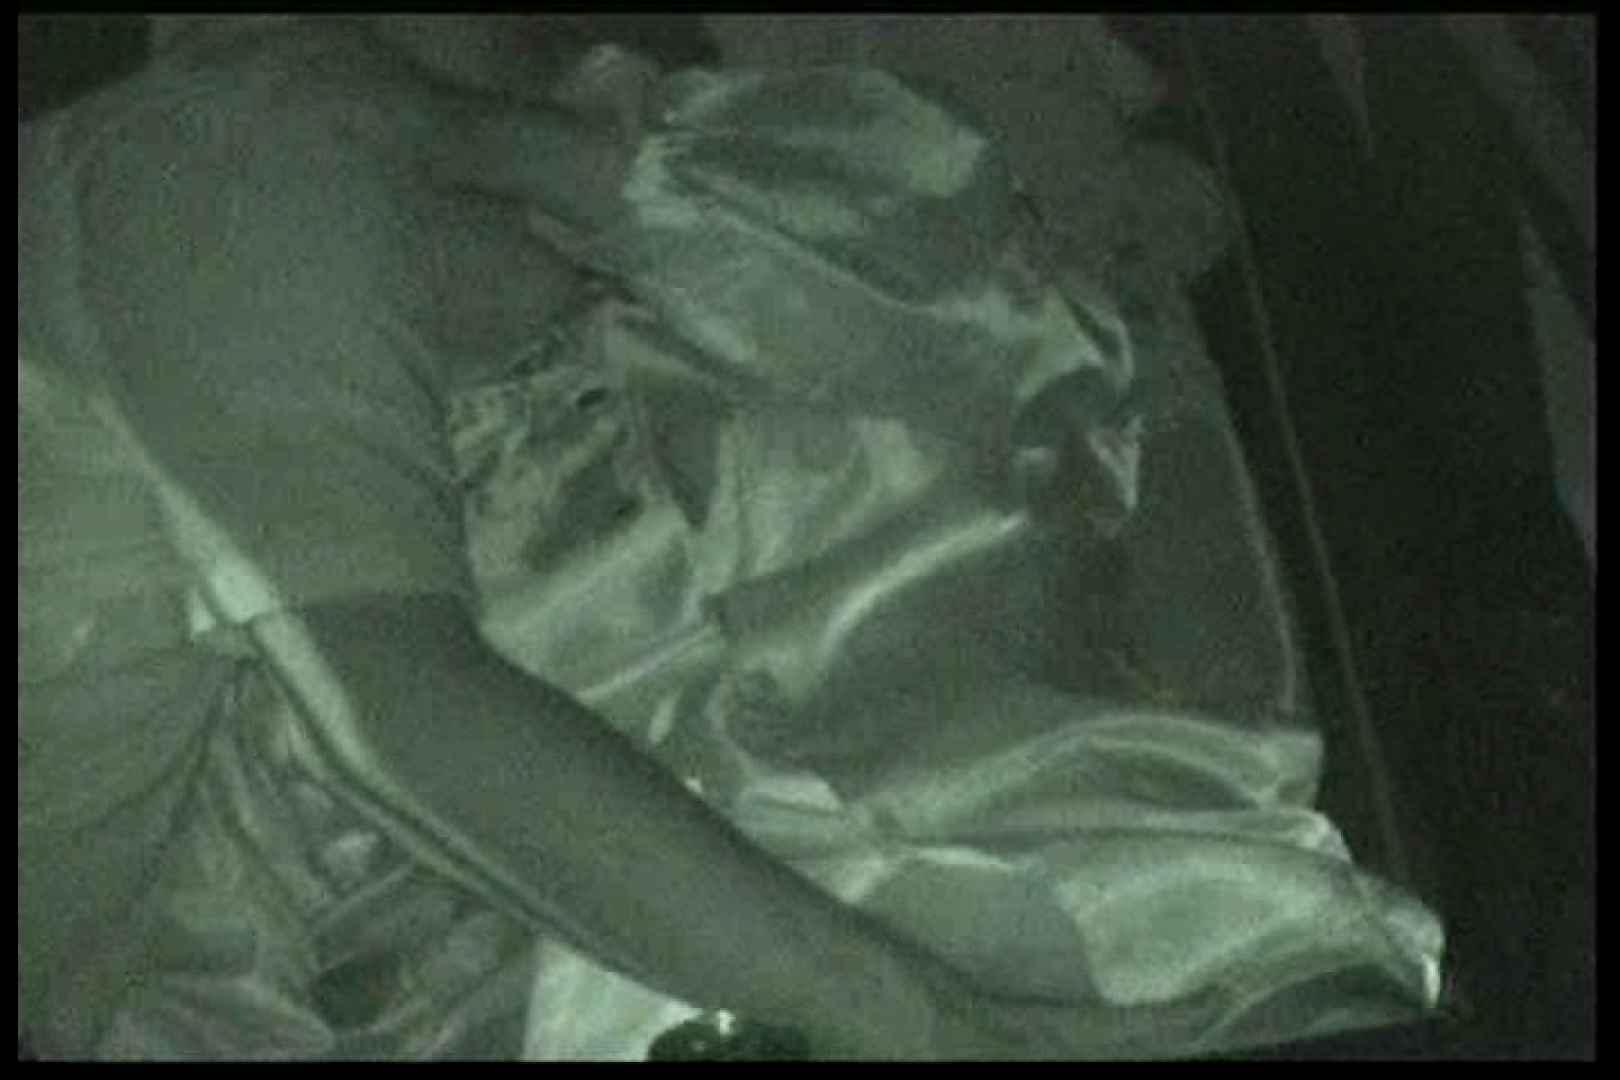 車の中はラブホテル 無修正版  Vol.13 エッチなセックス エロ無料画像 64画像 51